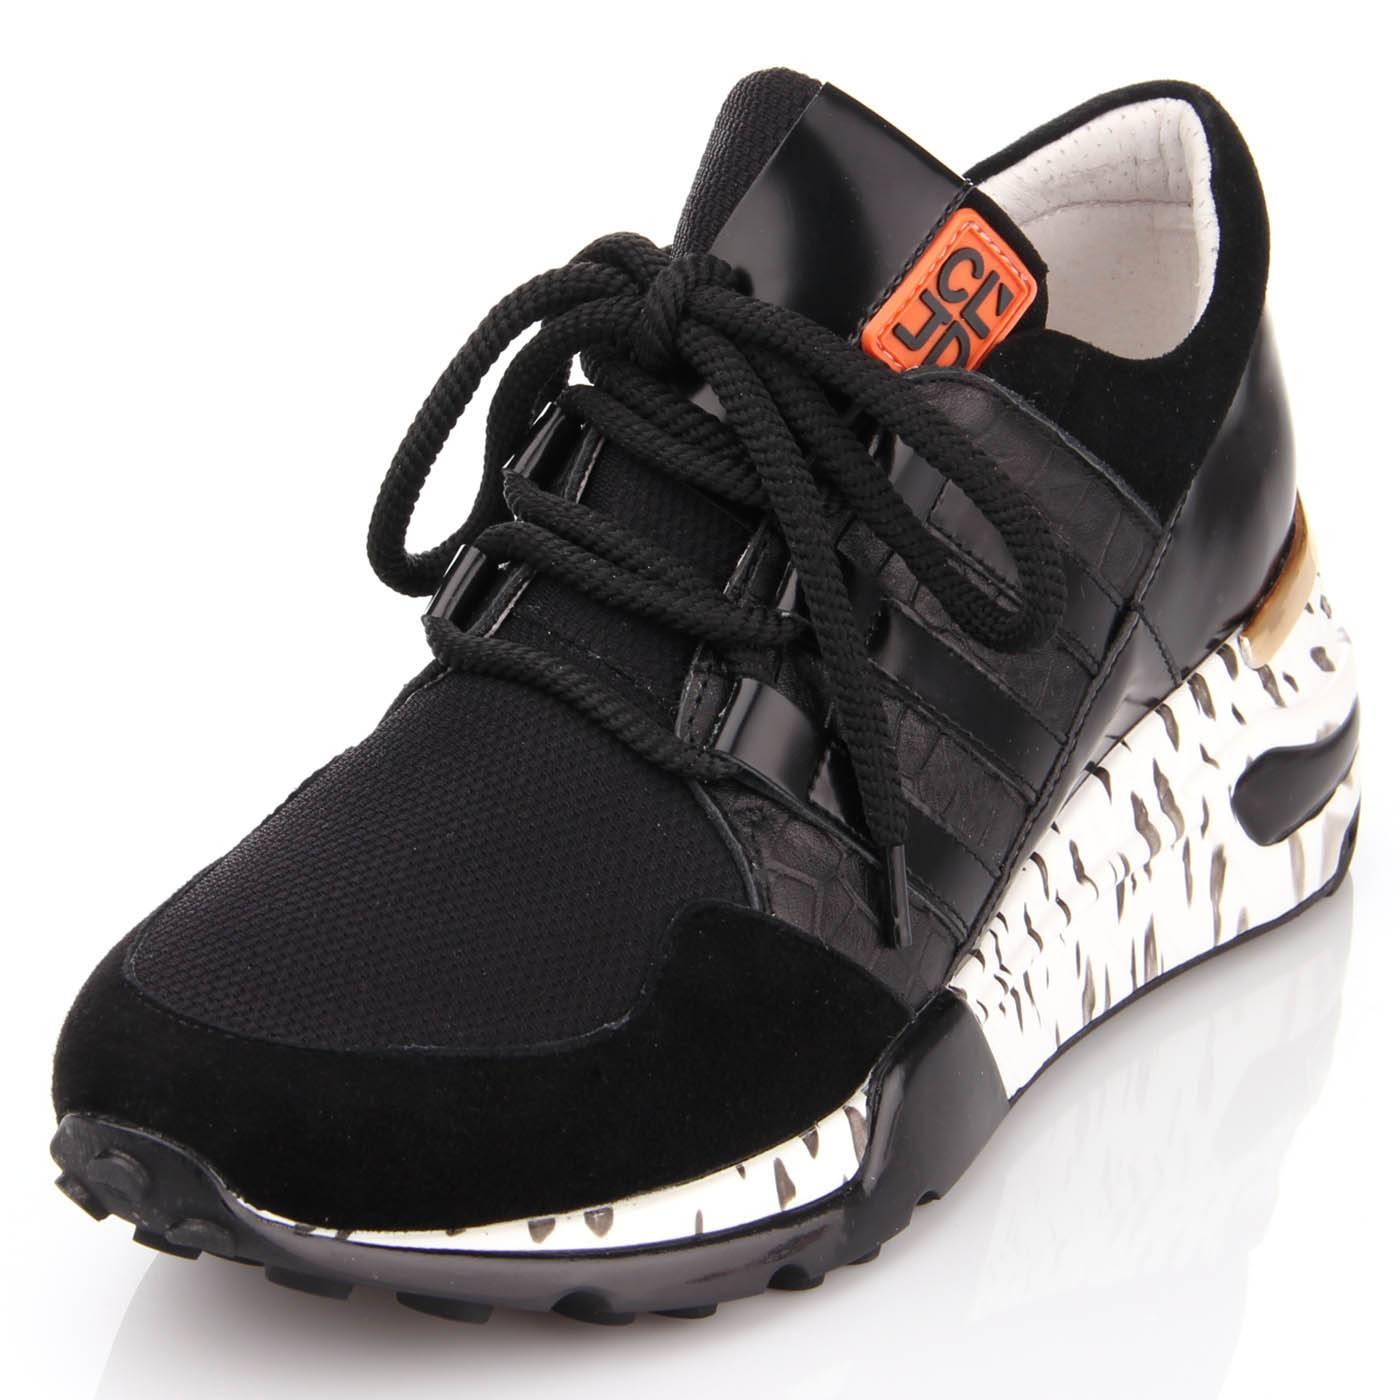 Кросівки жіночі ditto 6611 Чорний купить по выгодной цене в интернет ... 0c0cda394424e